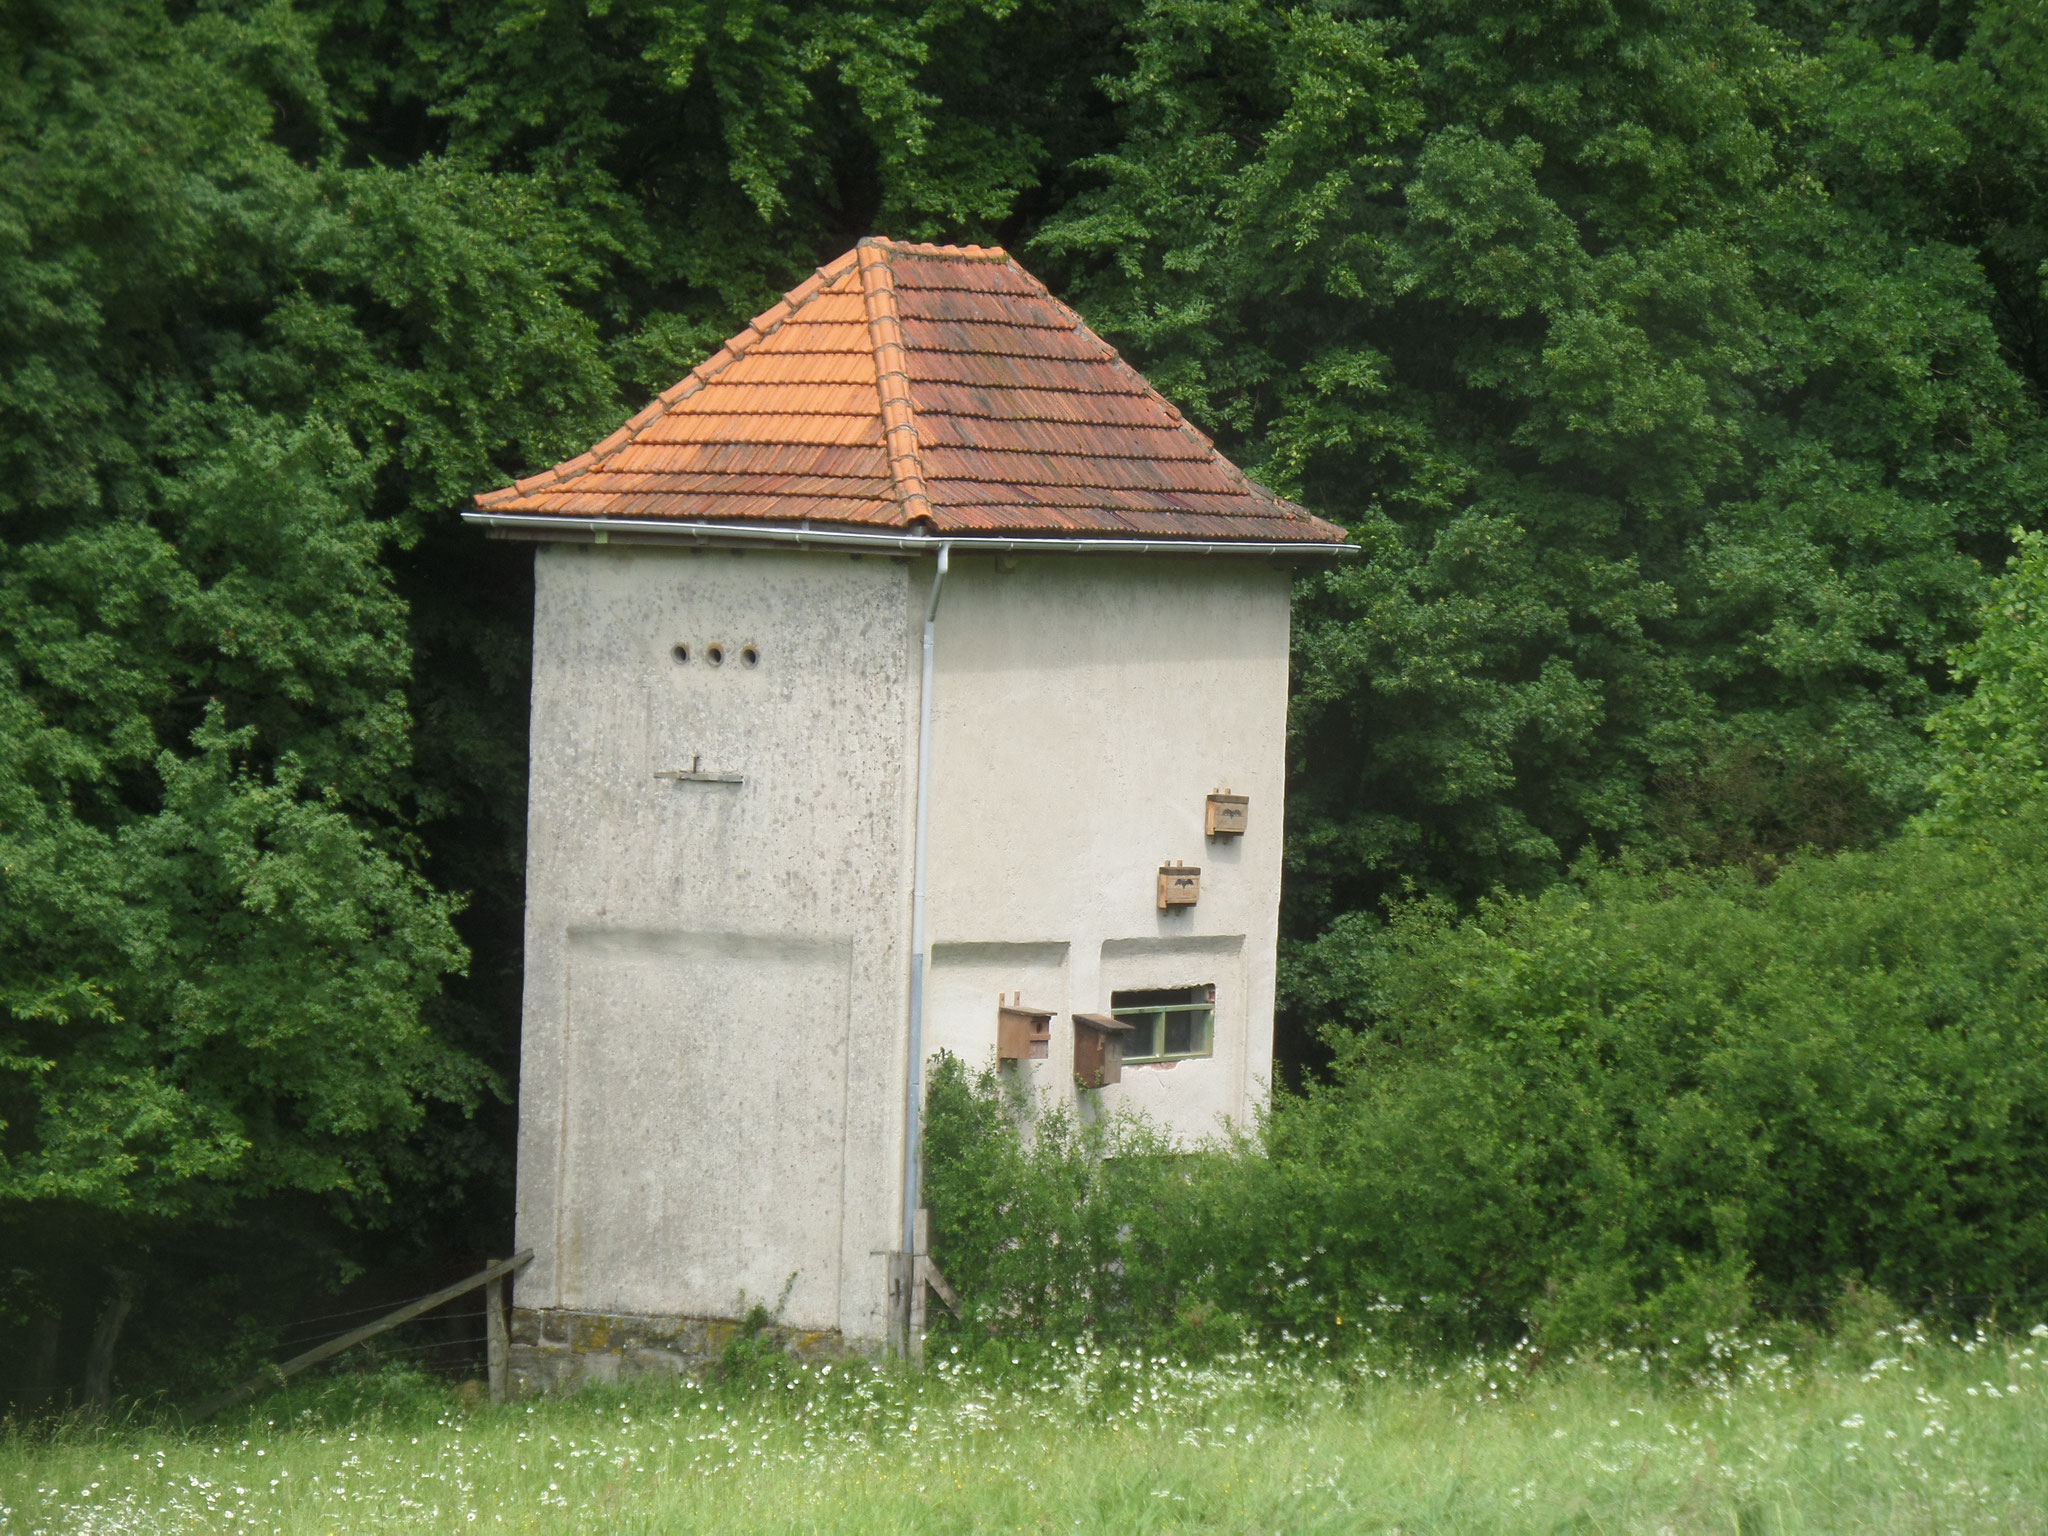 Das Trafo-Haus nach Fertigstellung